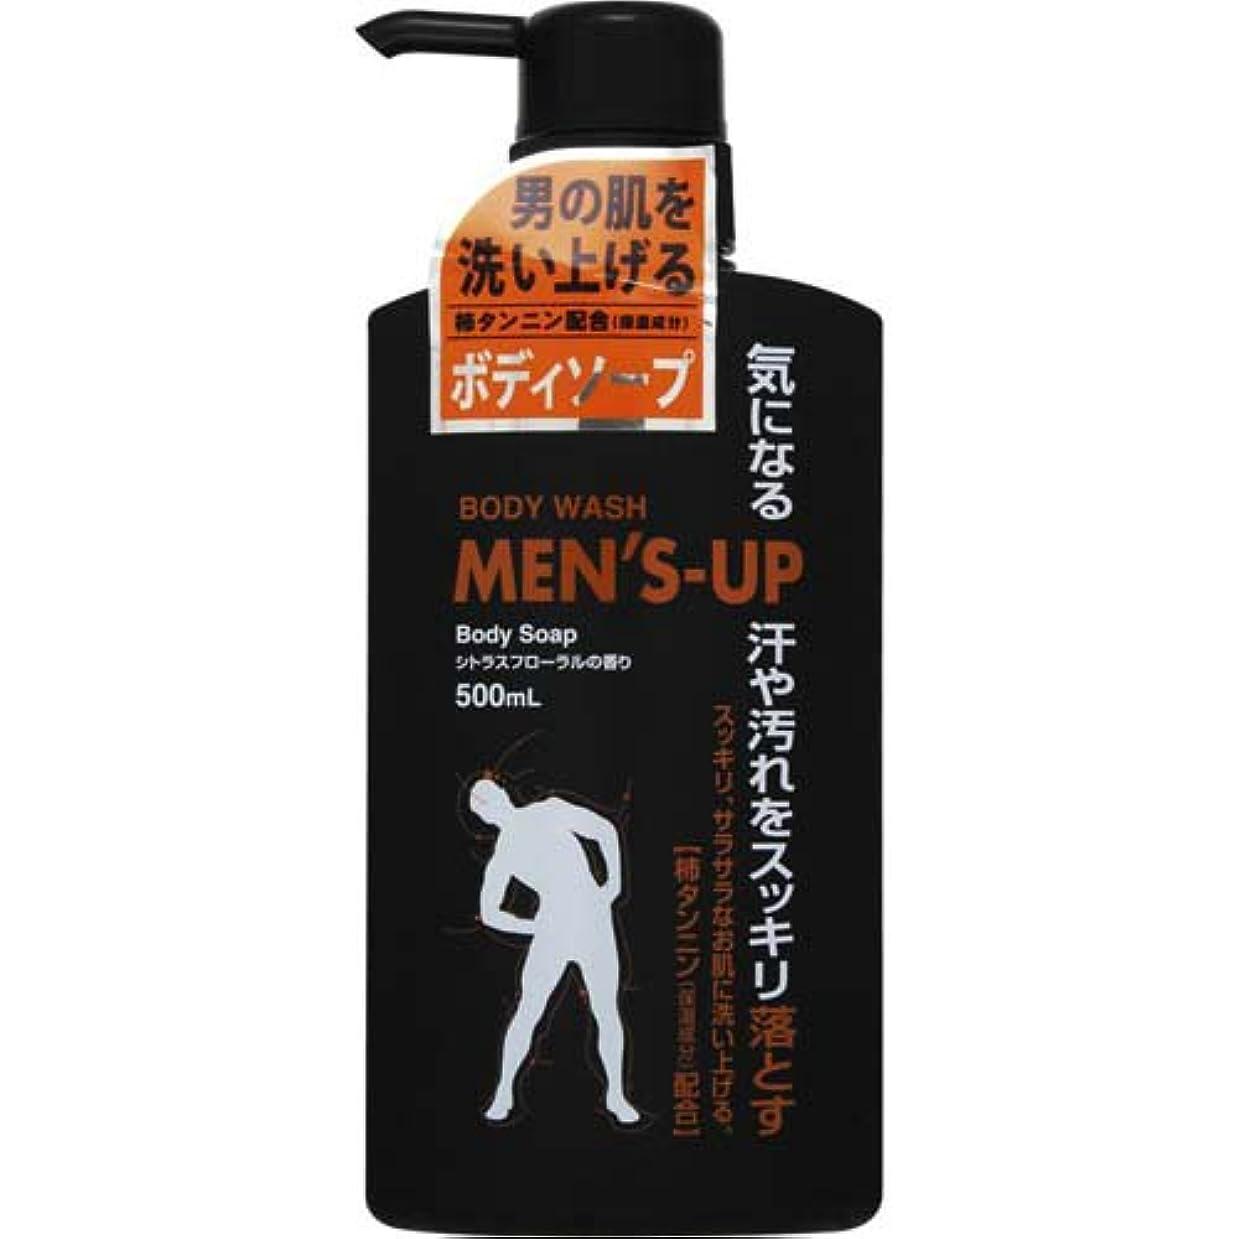 囲む商品農学MEN'S-UP(メンズアップ) ボディーソープ 本体 500ml